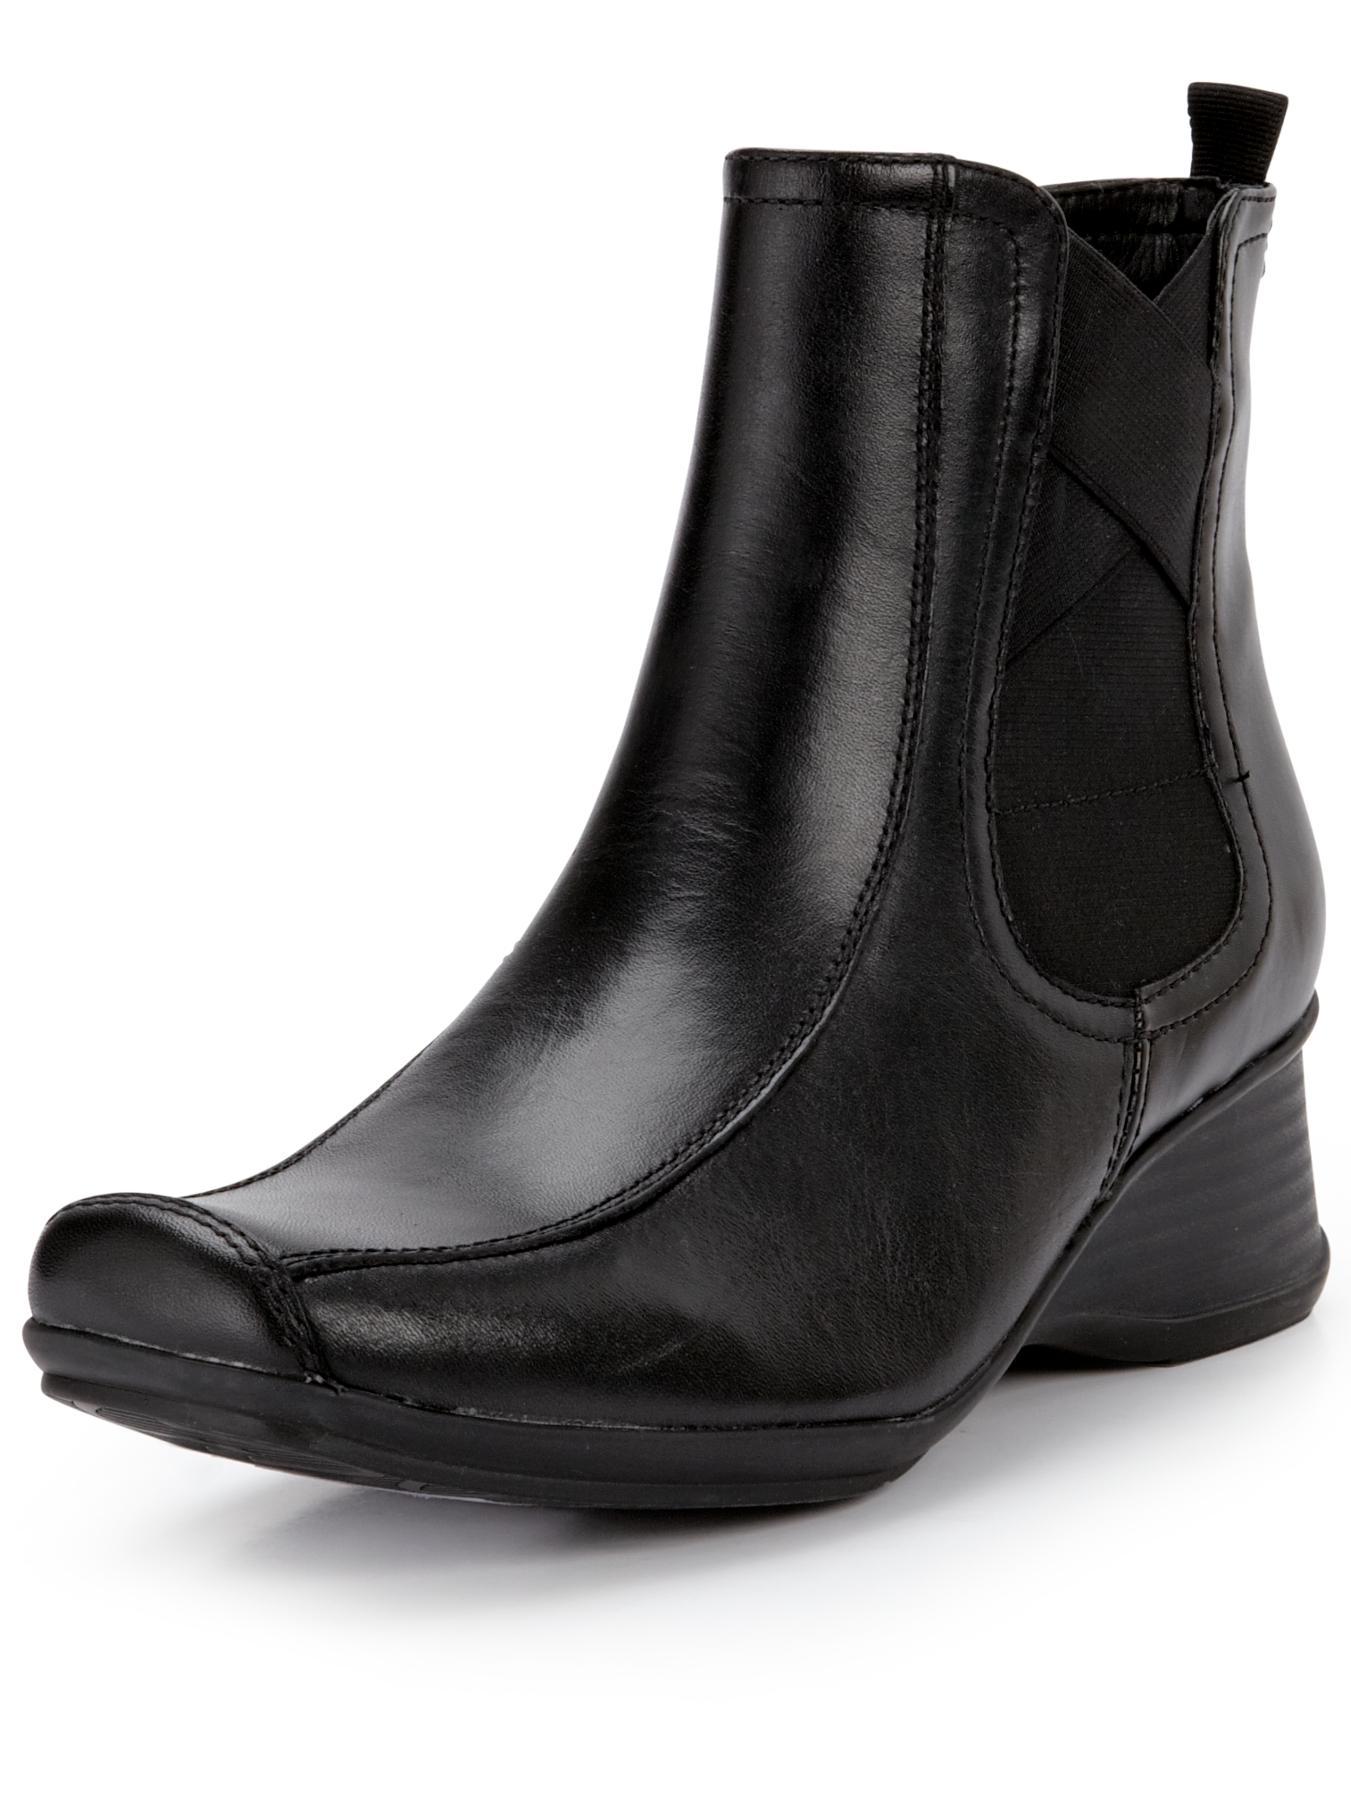 Clarks Lisbon Sky Wedge Ankle Boots - Black, Black